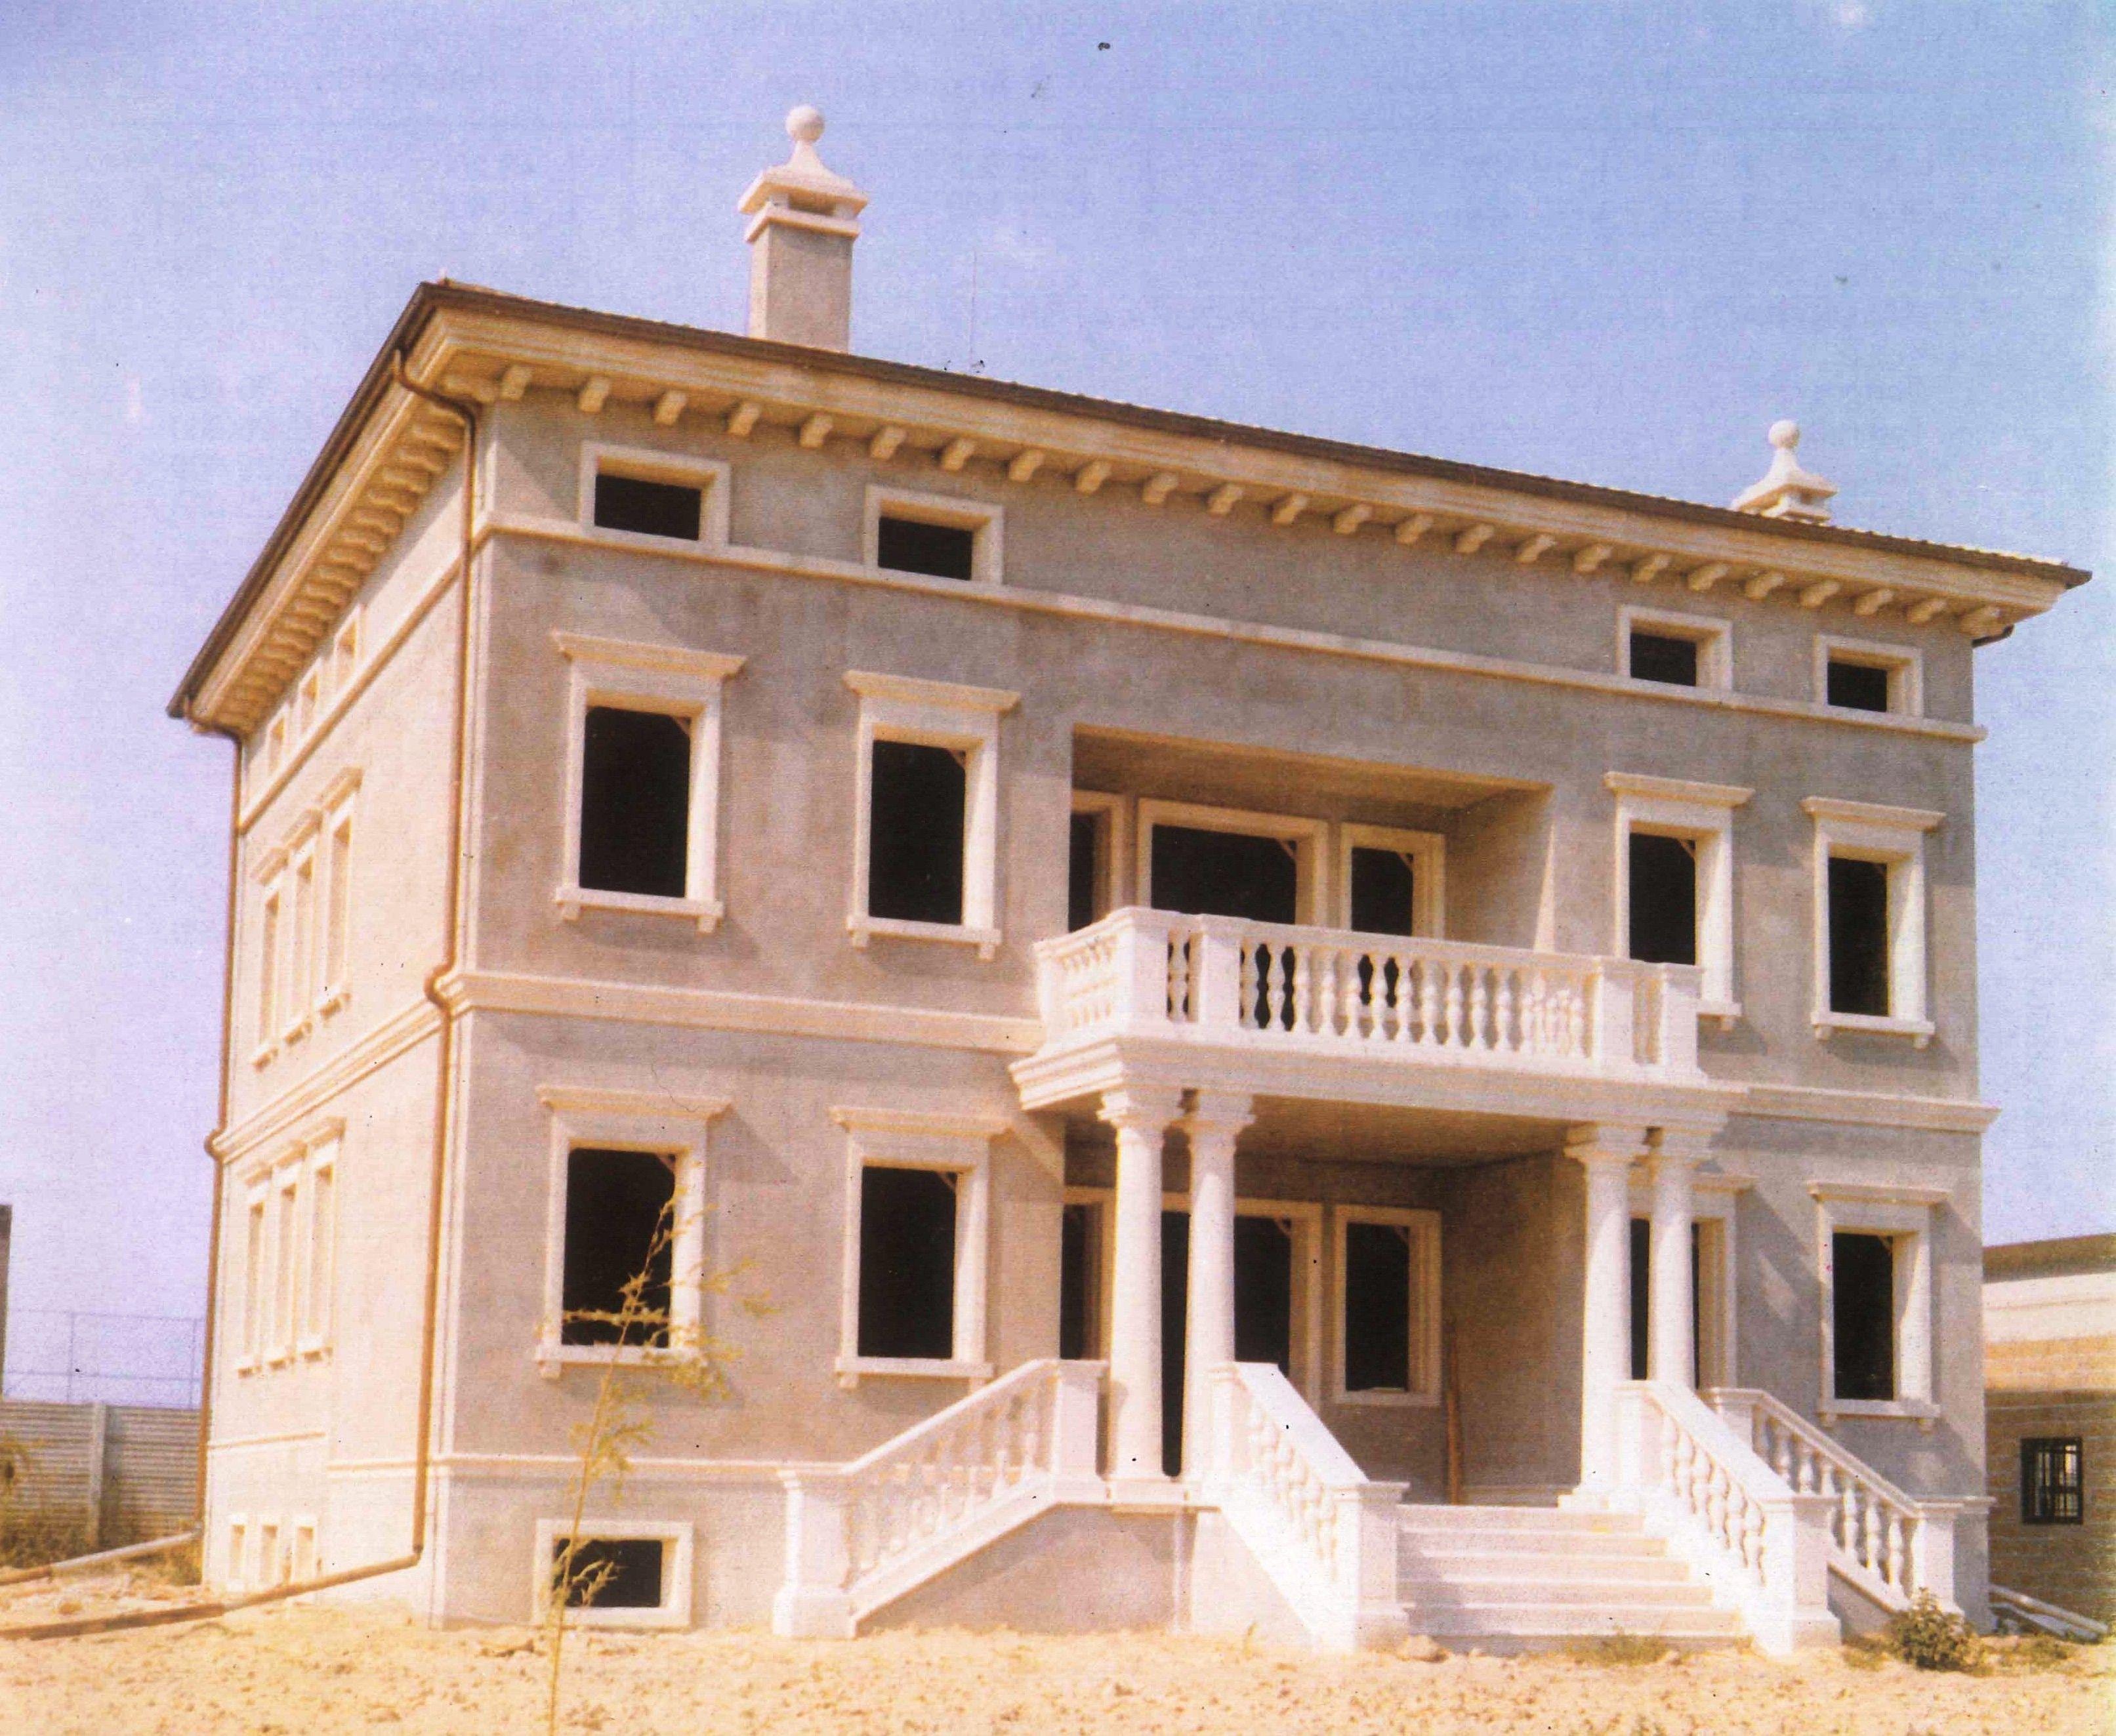 Cornici finestre per villa privata a cerea verona http - Cornici finestre in pietra ...